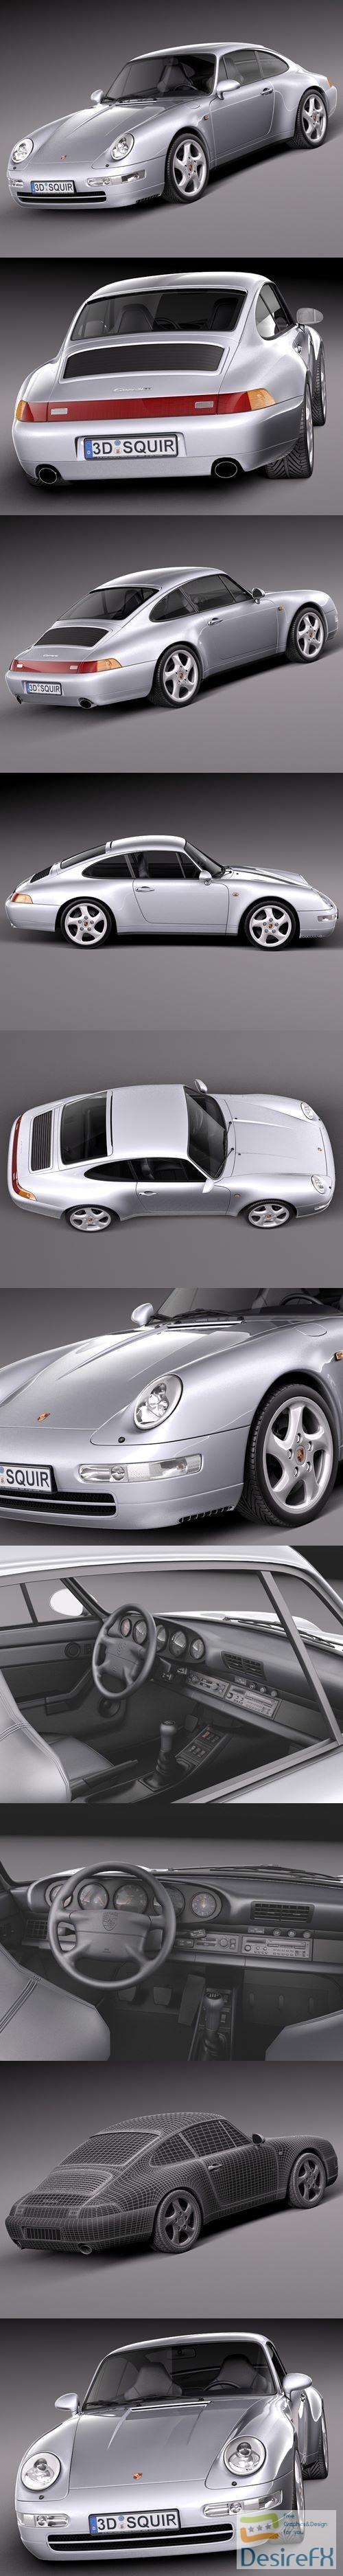 Porsche 911 993 Carrera 1994-1997 3D Model